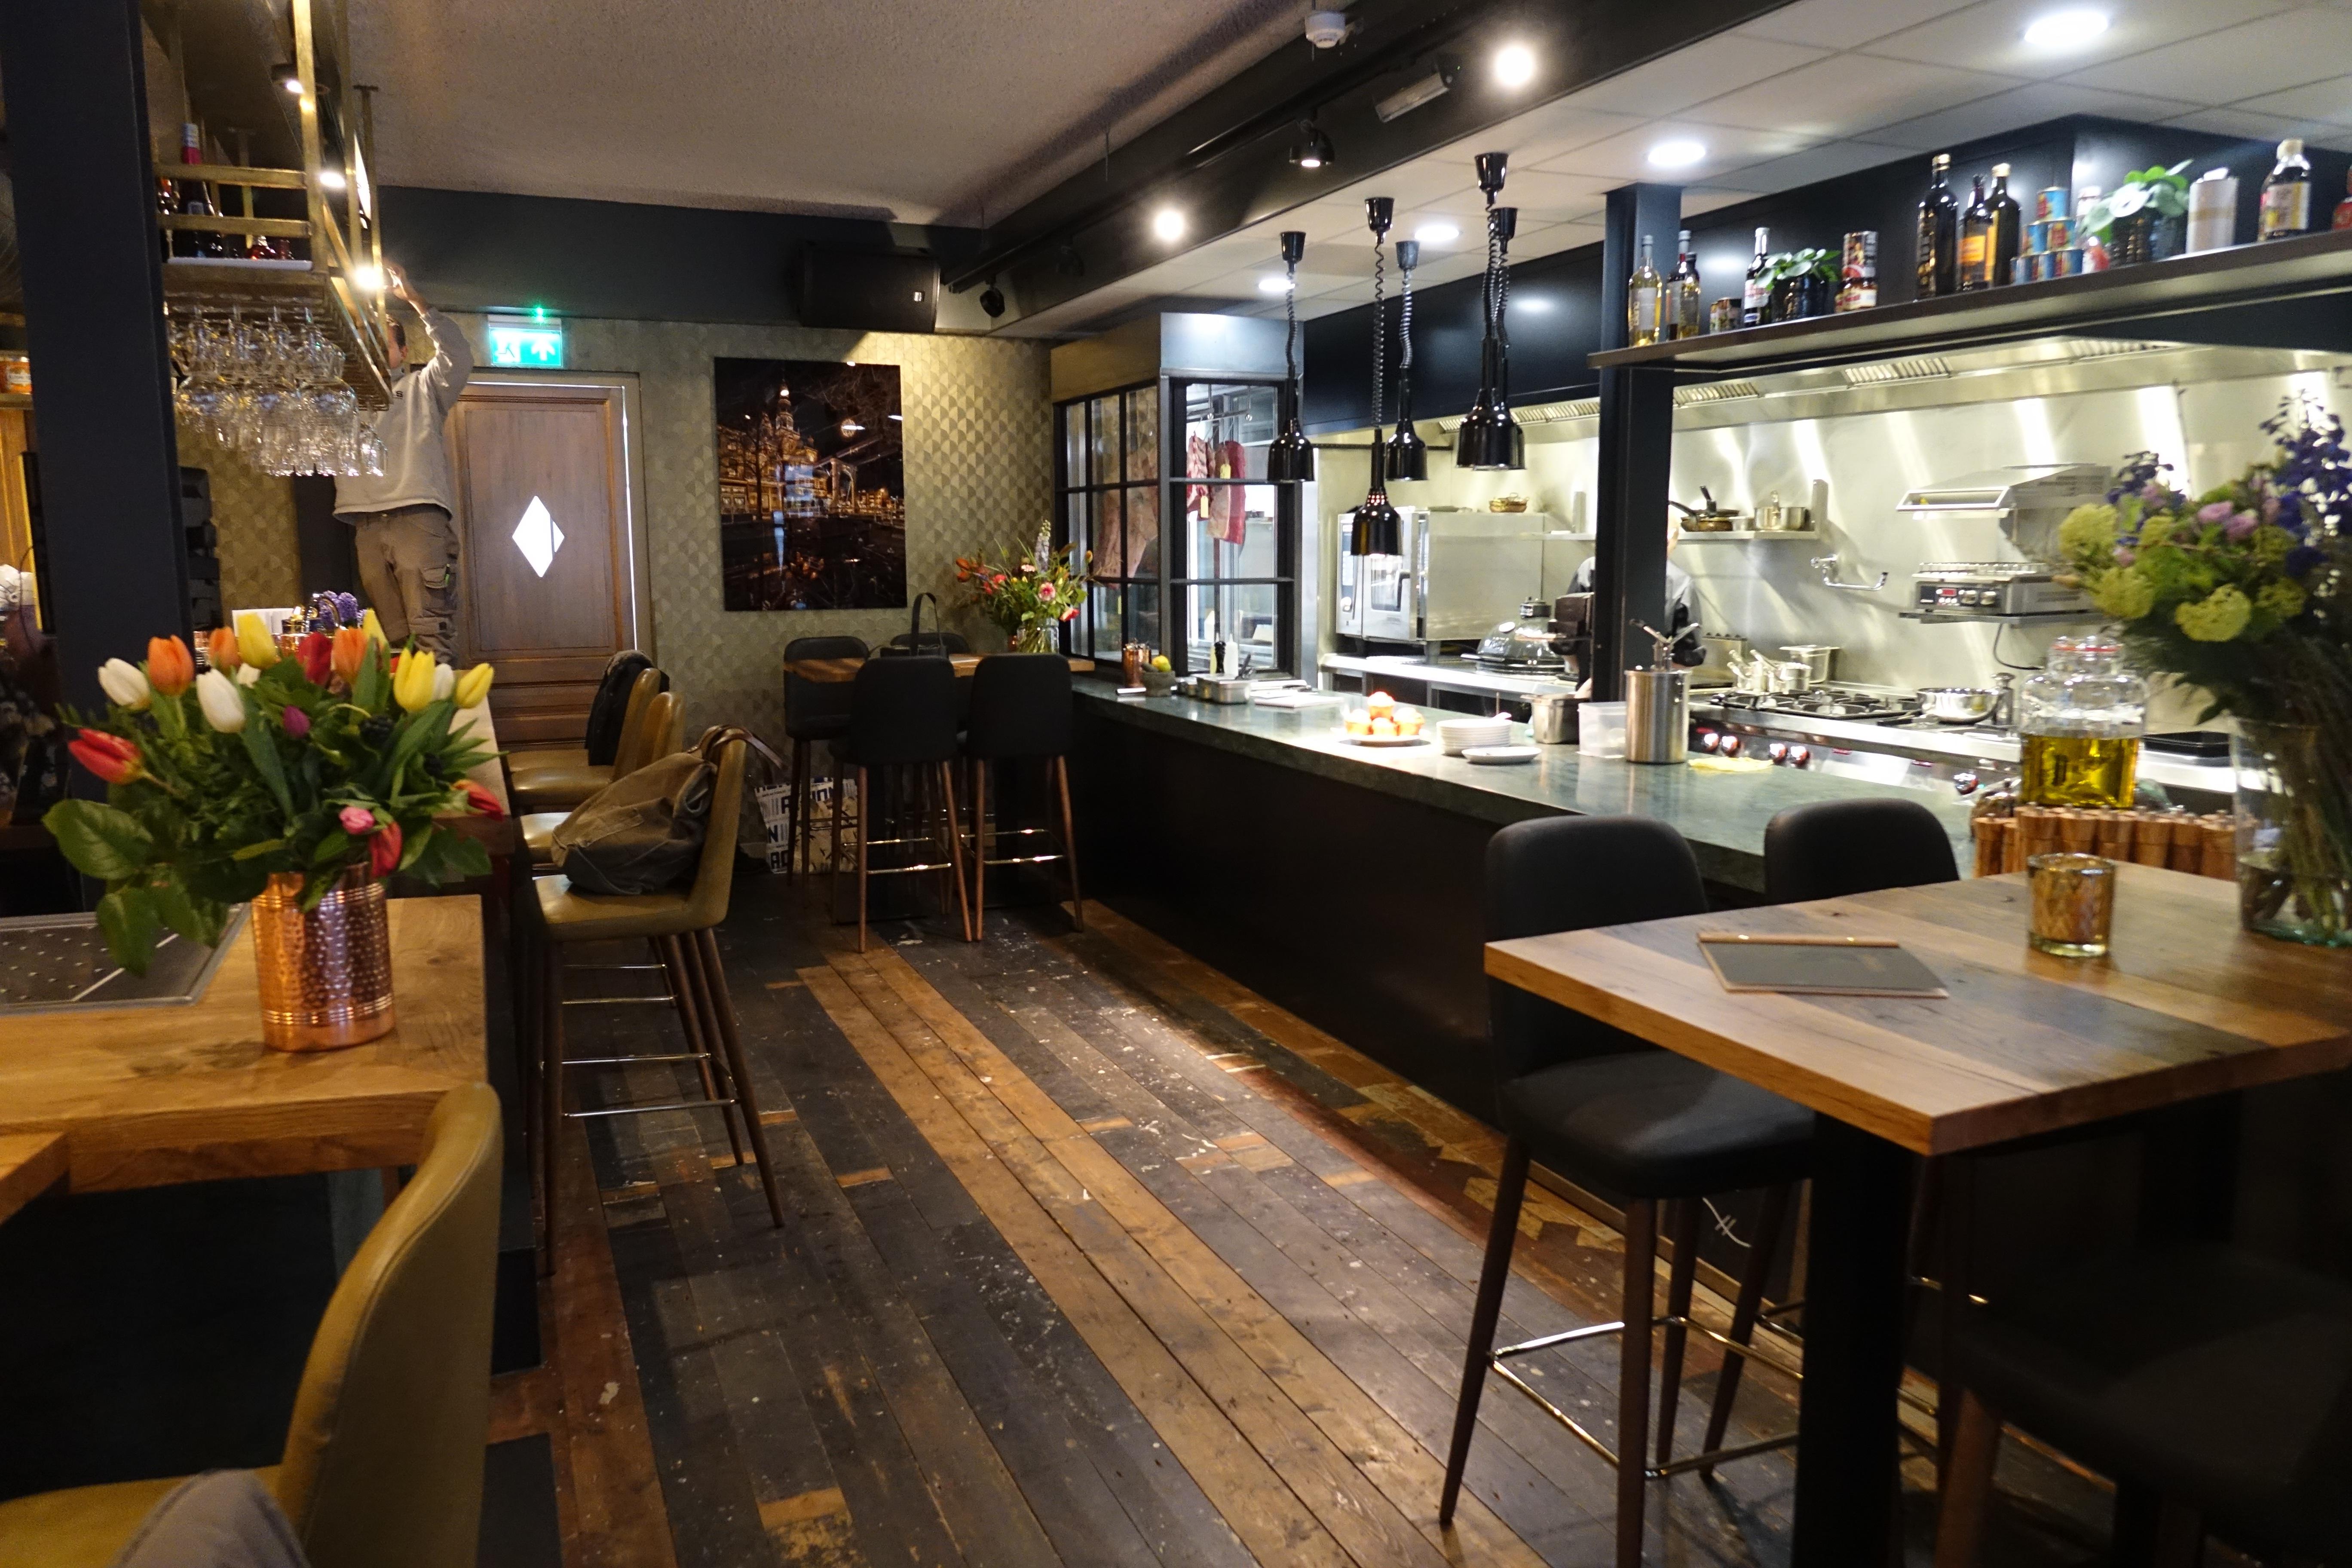 Keuken Grote Open : Grote open keuken restaurant: open keuken restaurant old dutch